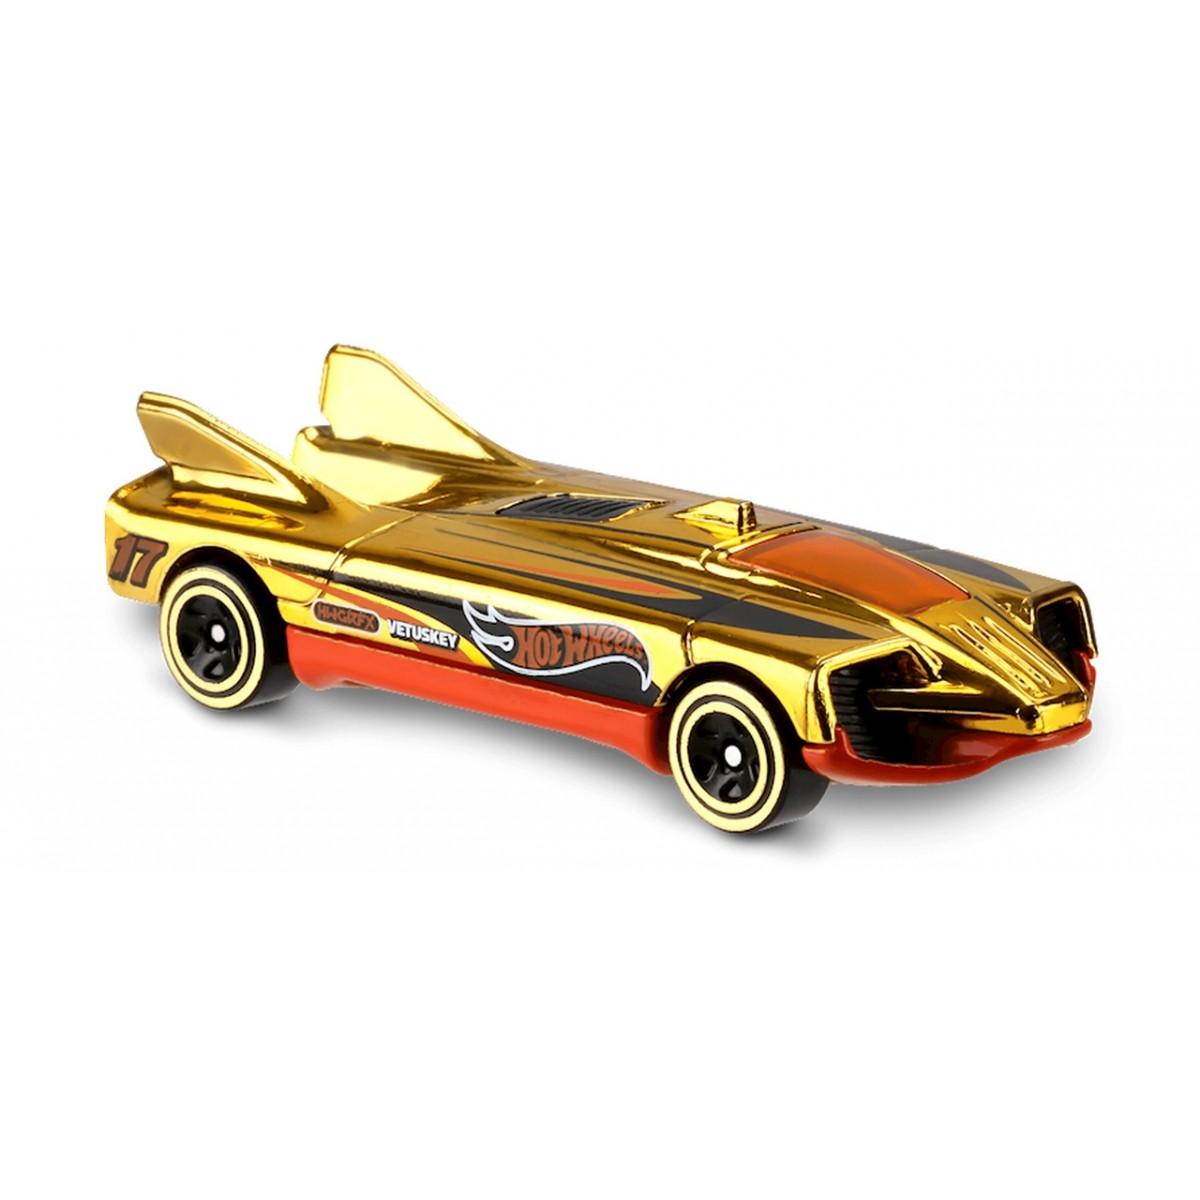 Carrinho Hot Wheels: Speed Slayer Dourado